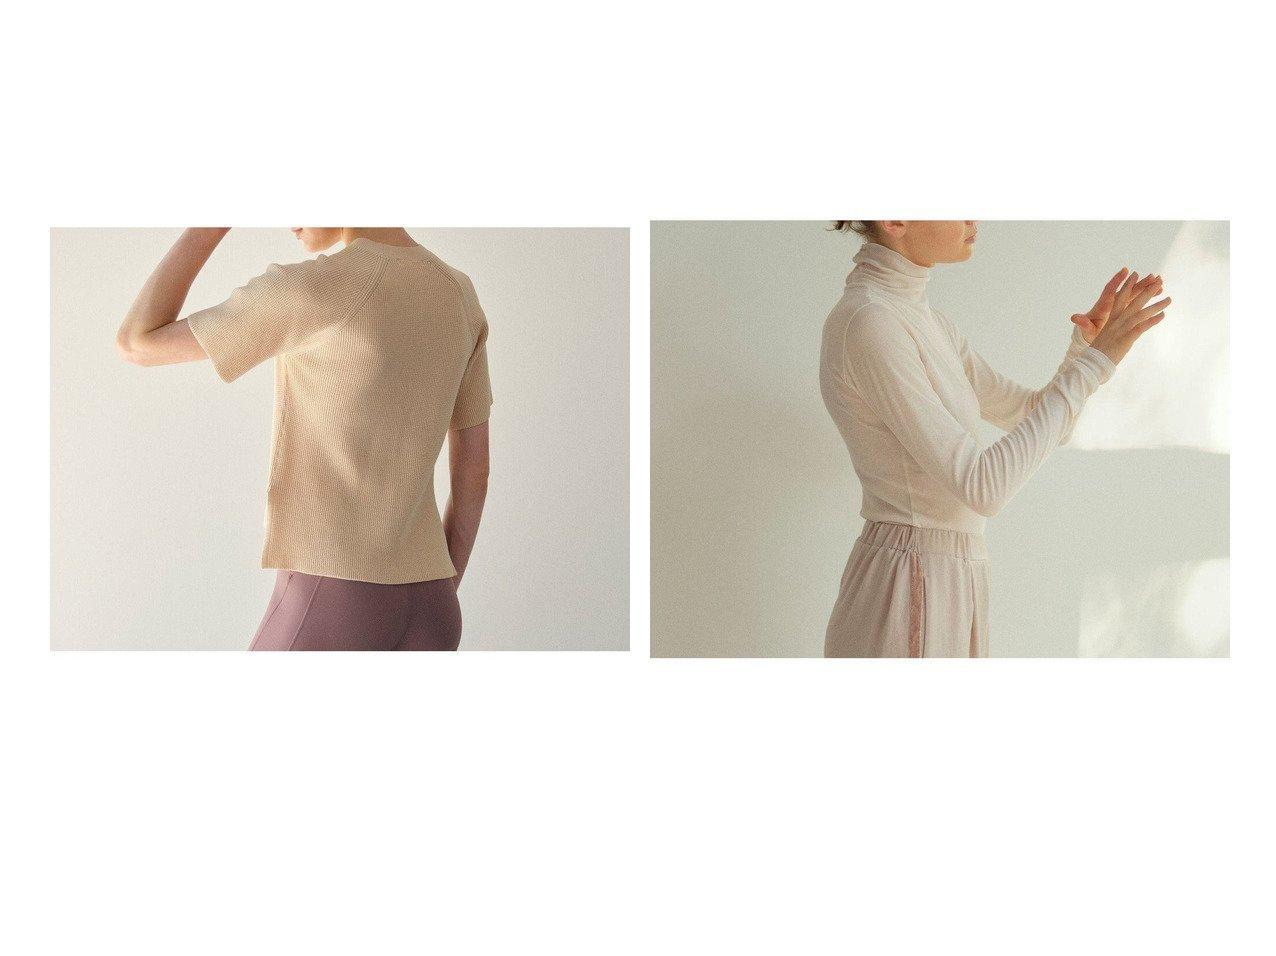 【Chacott/チャコット】のワッフルニット&ロングスリーブテレコハイネック 【スポーツウェア・ヨガ・フィットネス・ダイエット】おすすめ!人気、トレンド・レディースファッションの通販 おすすめで人気の流行・トレンド、ファッションの通販商品 インテリア・家具・メンズファッション・キッズファッション・レディースファッション・服の通販 founy(ファニー) https://founy.com/ ファッション Fashion レディースファッション WOMEN トップス・カットソー Tops/Tshirt ニット Knit Tops インド インナー シアー ストレッチ ハイネック フィット リラックス 再入荷 Restock/Back in Stock/Re Arrival おすすめ Recommend ラベンダー ワッフル  ID:crp329100000071776